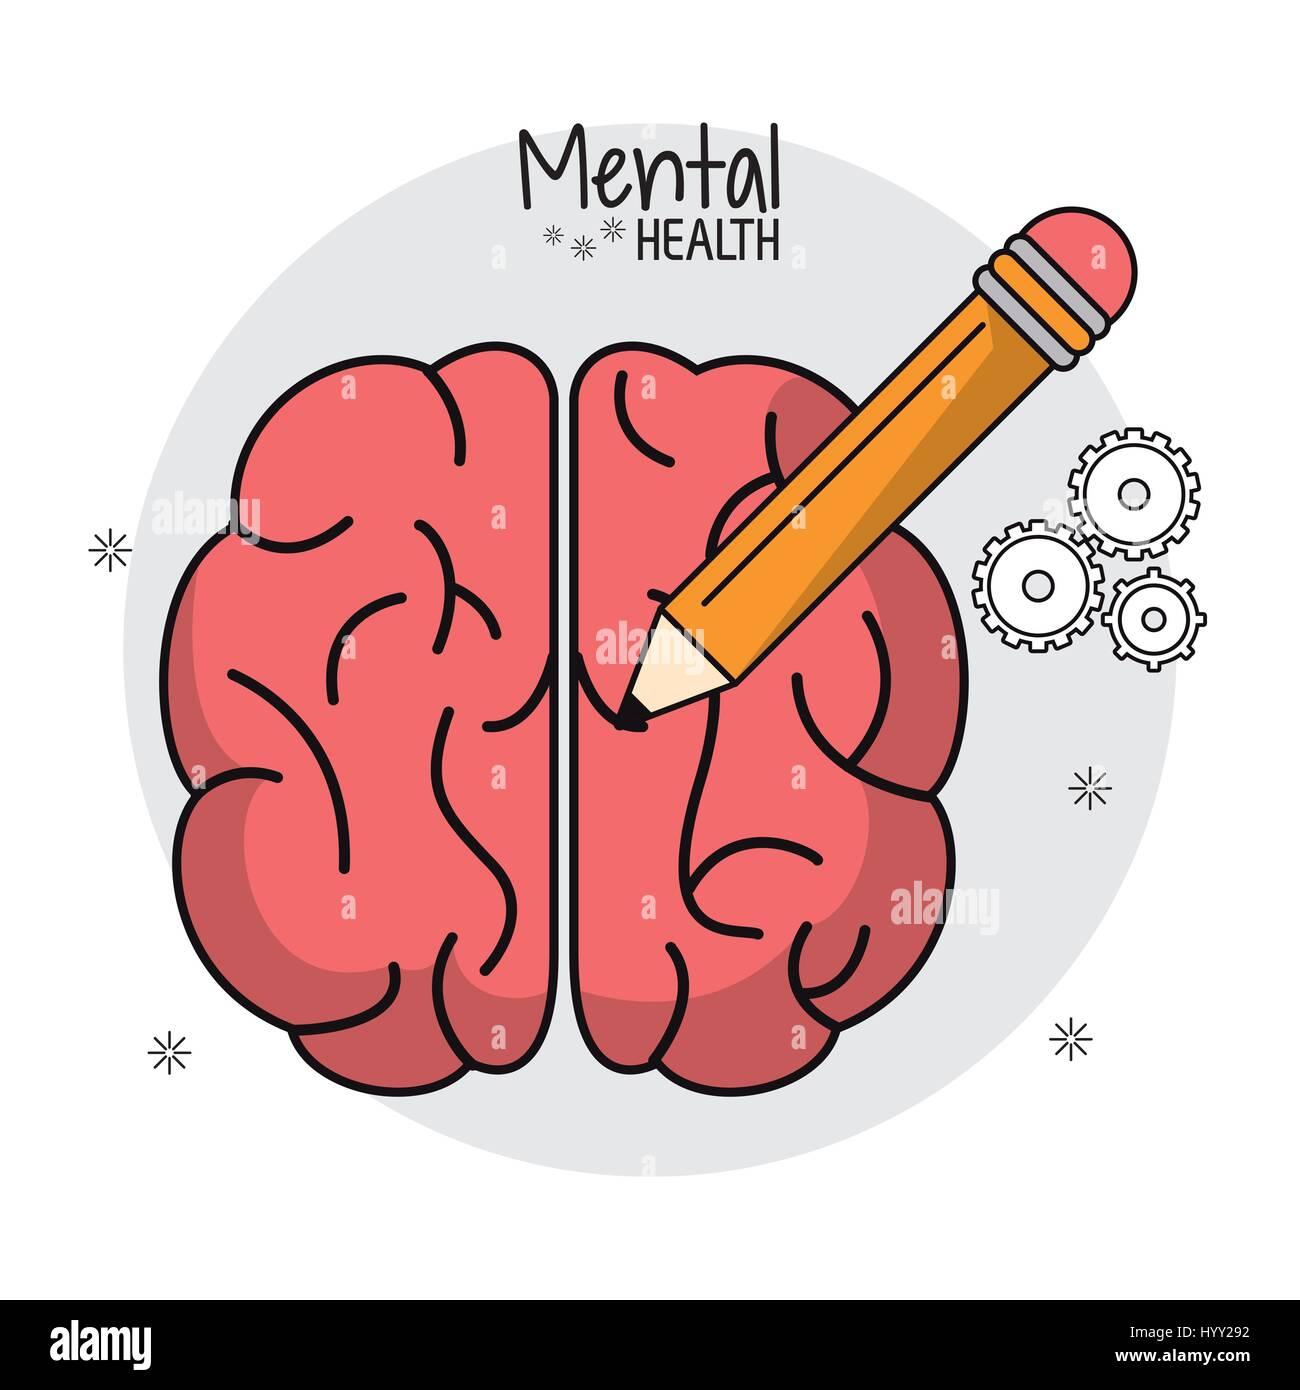 Salud mental el cerebro humano idea lápiz Imagen De Stock